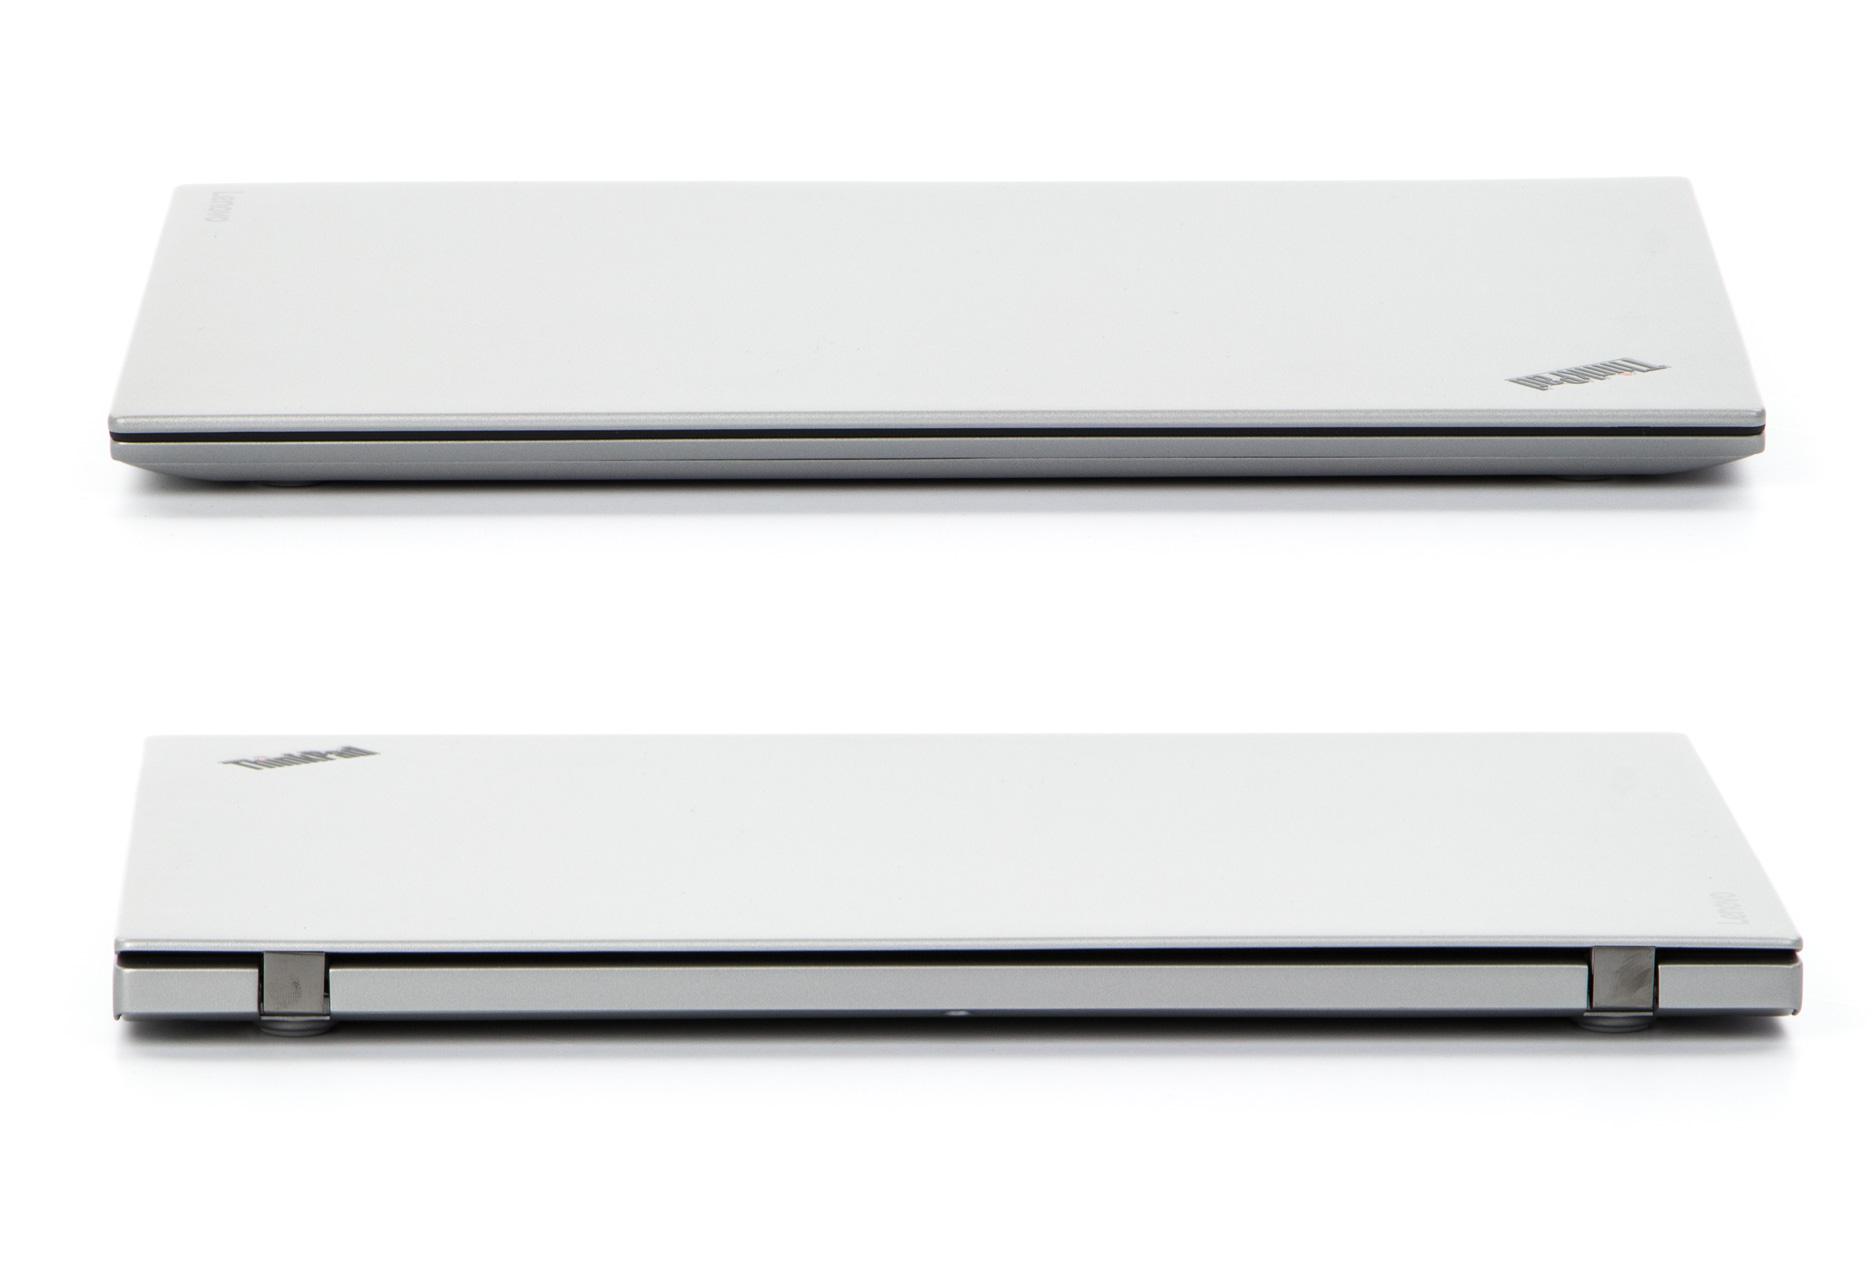 Lenovo ThinkPad T470s przód i tył